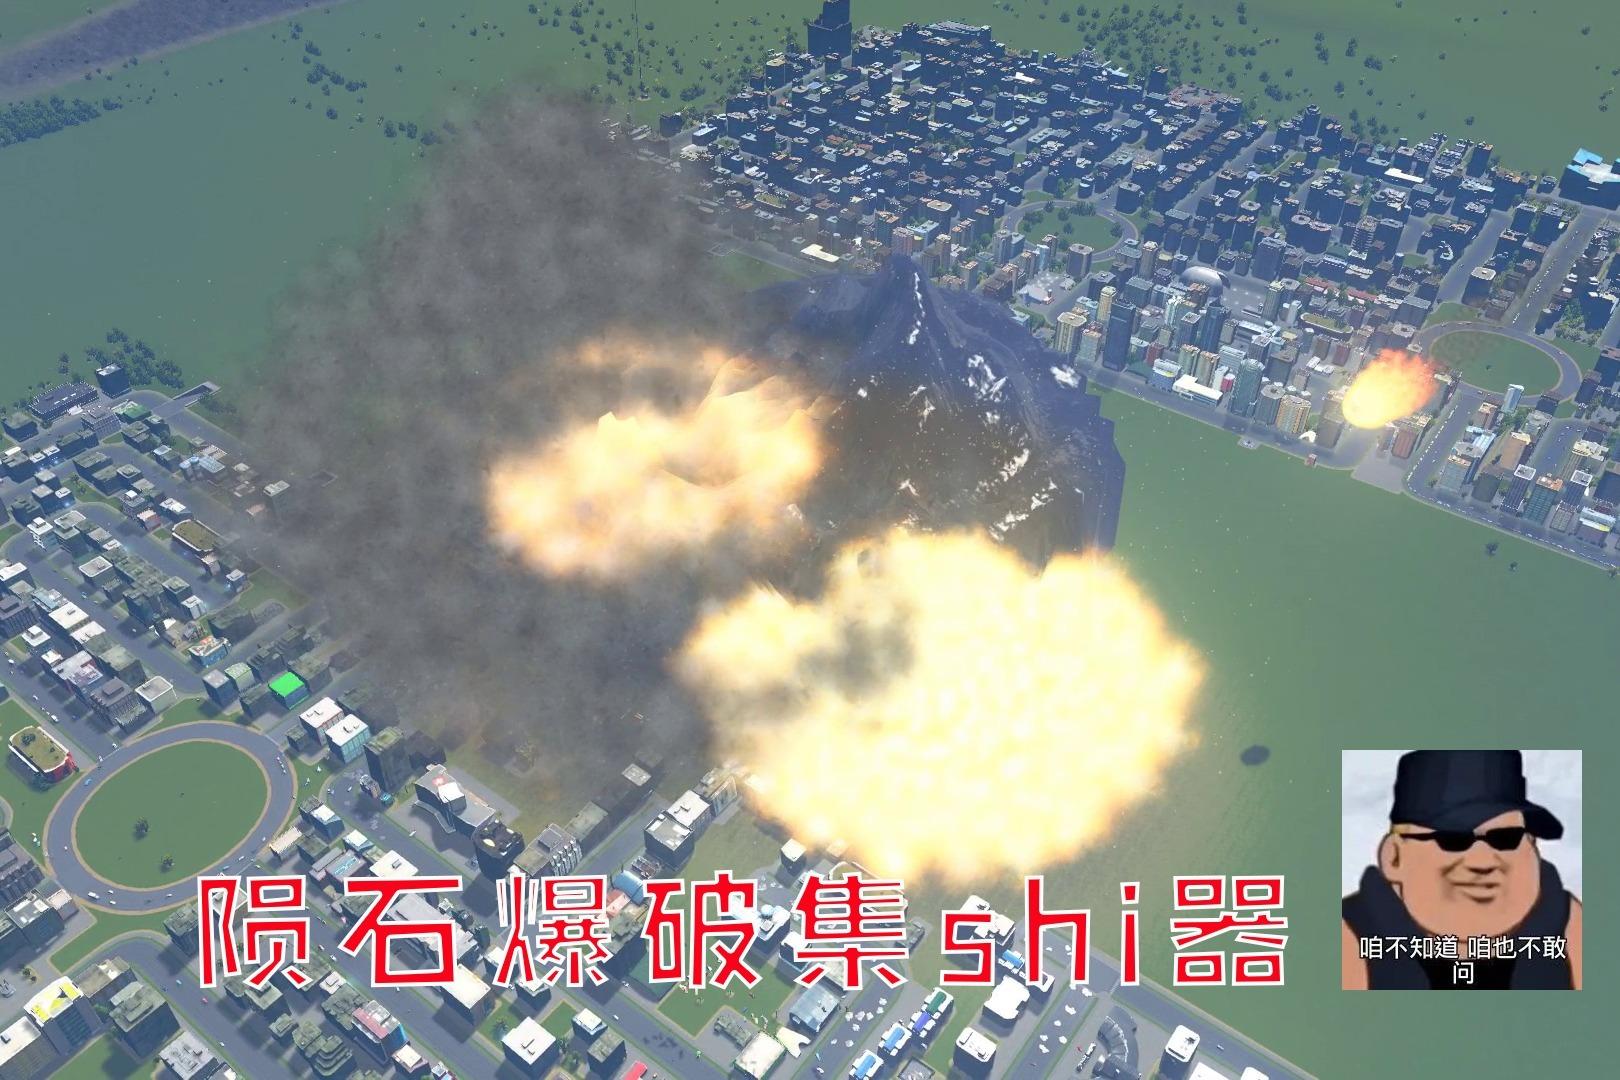 都市天际线:市长建造大锅集屎器,最终忍不住用陨石爆破